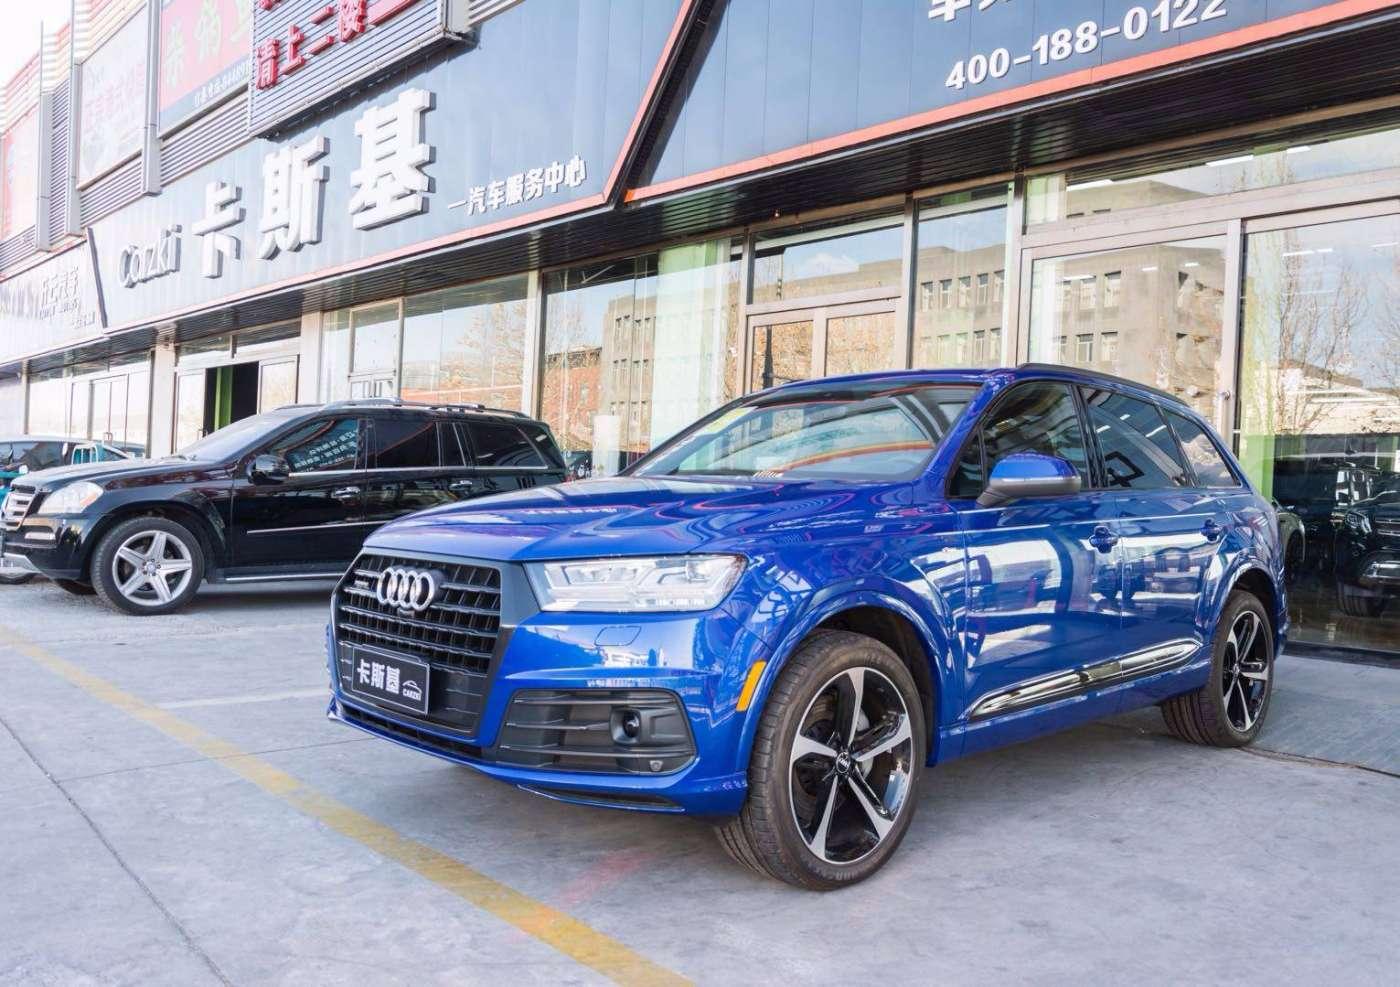 2017款 奥迪Q7 3.0T 加版 |平行进口奥迪-北京卡斯基汽车服务有限公司